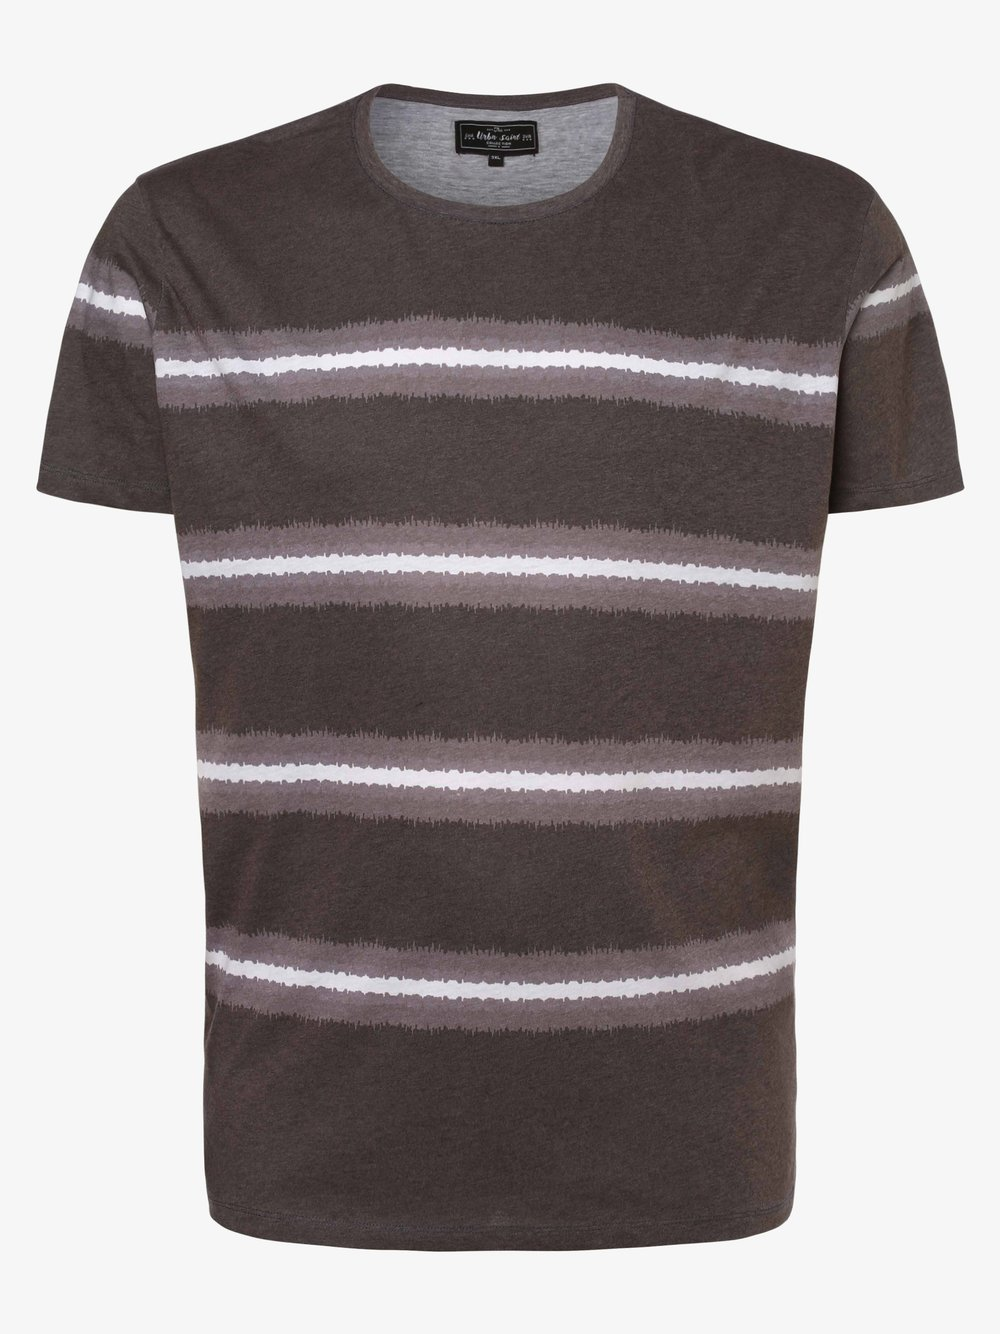 URBN SAINT – T-shirt męski – USTurn, czarny Van Graaf 469727-0001-09996